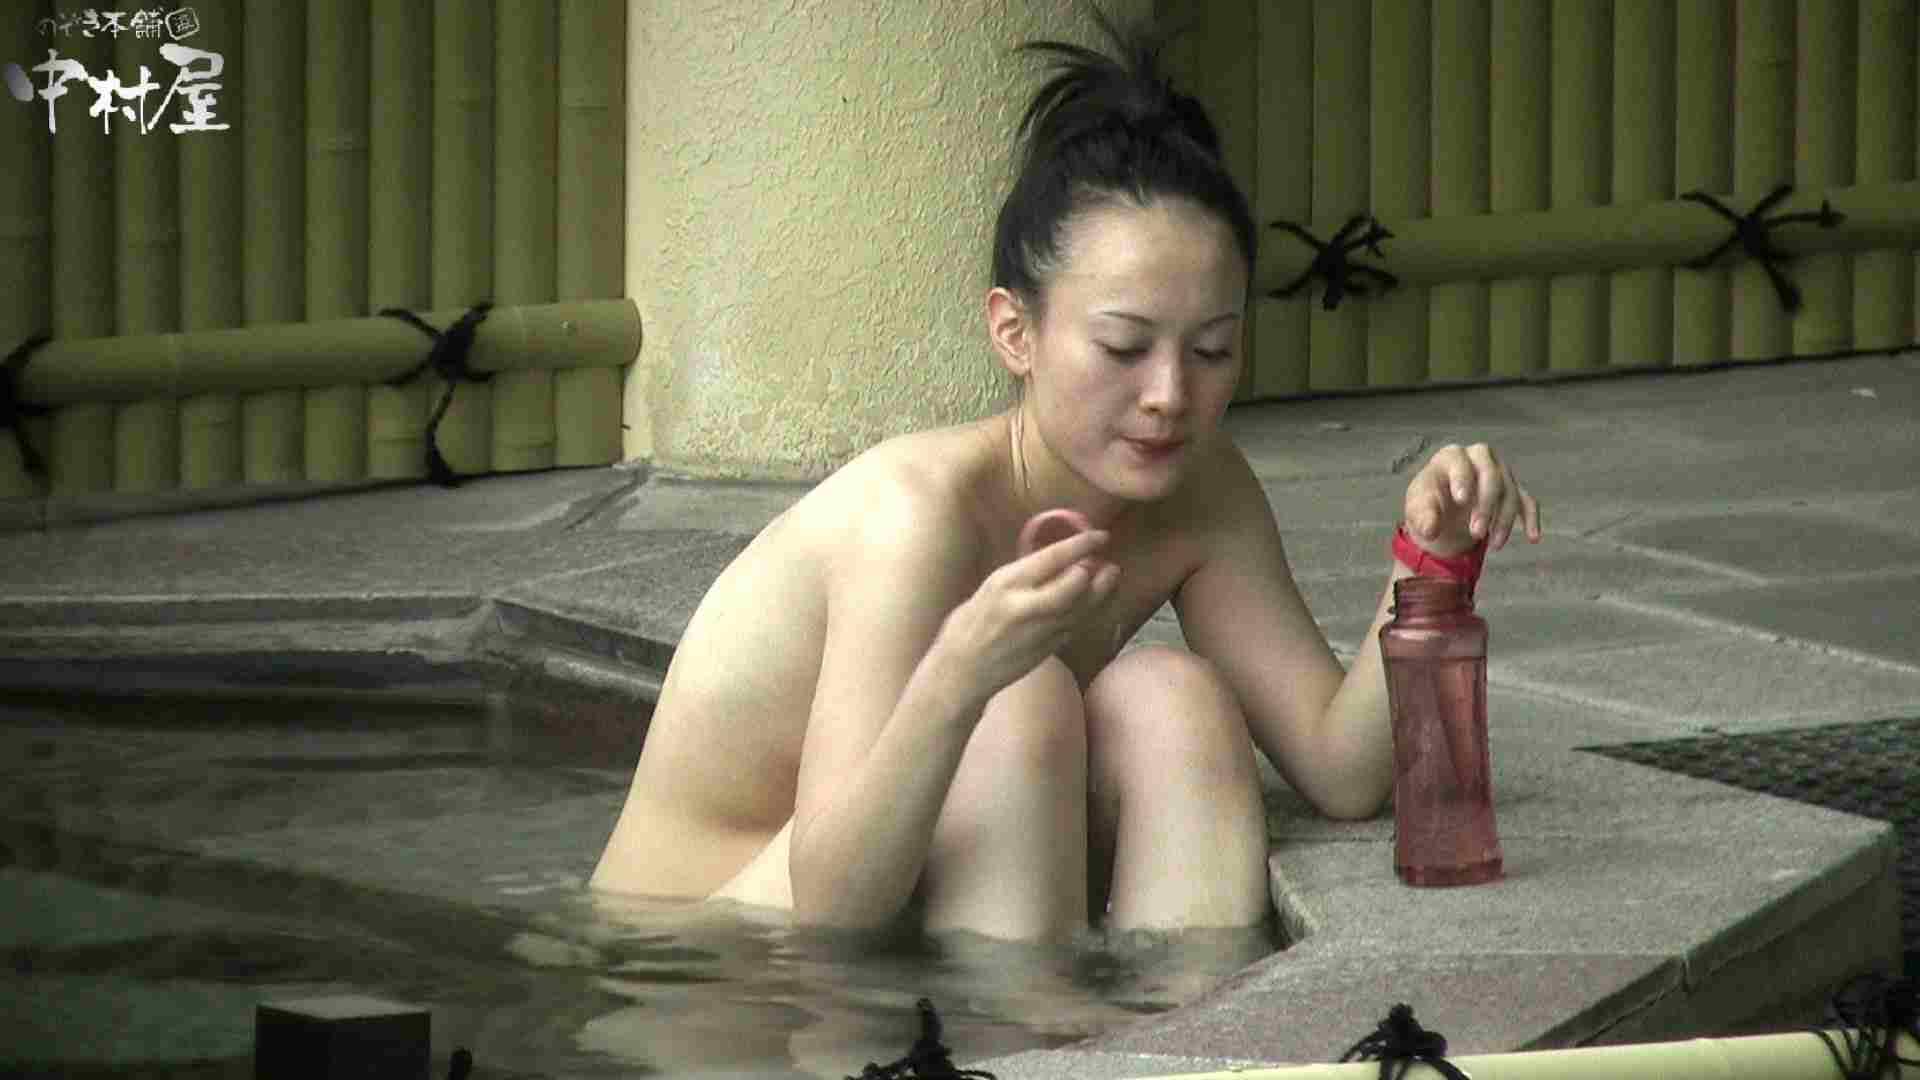 Aquaな露天風呂Vol.900 盗撮シリーズ  110PIX 80